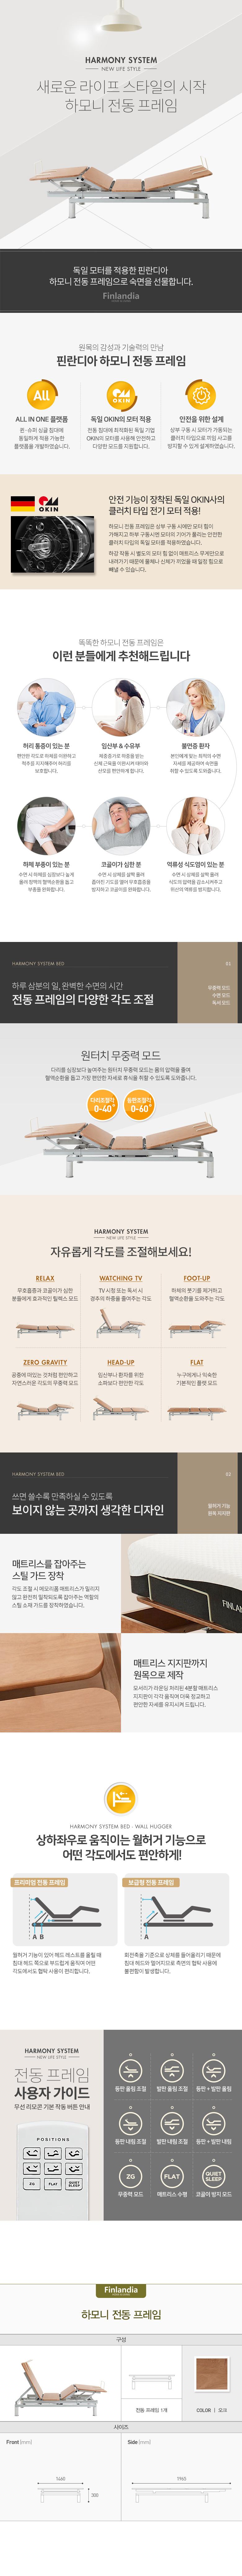 harmony_motionframe_Q.jpg